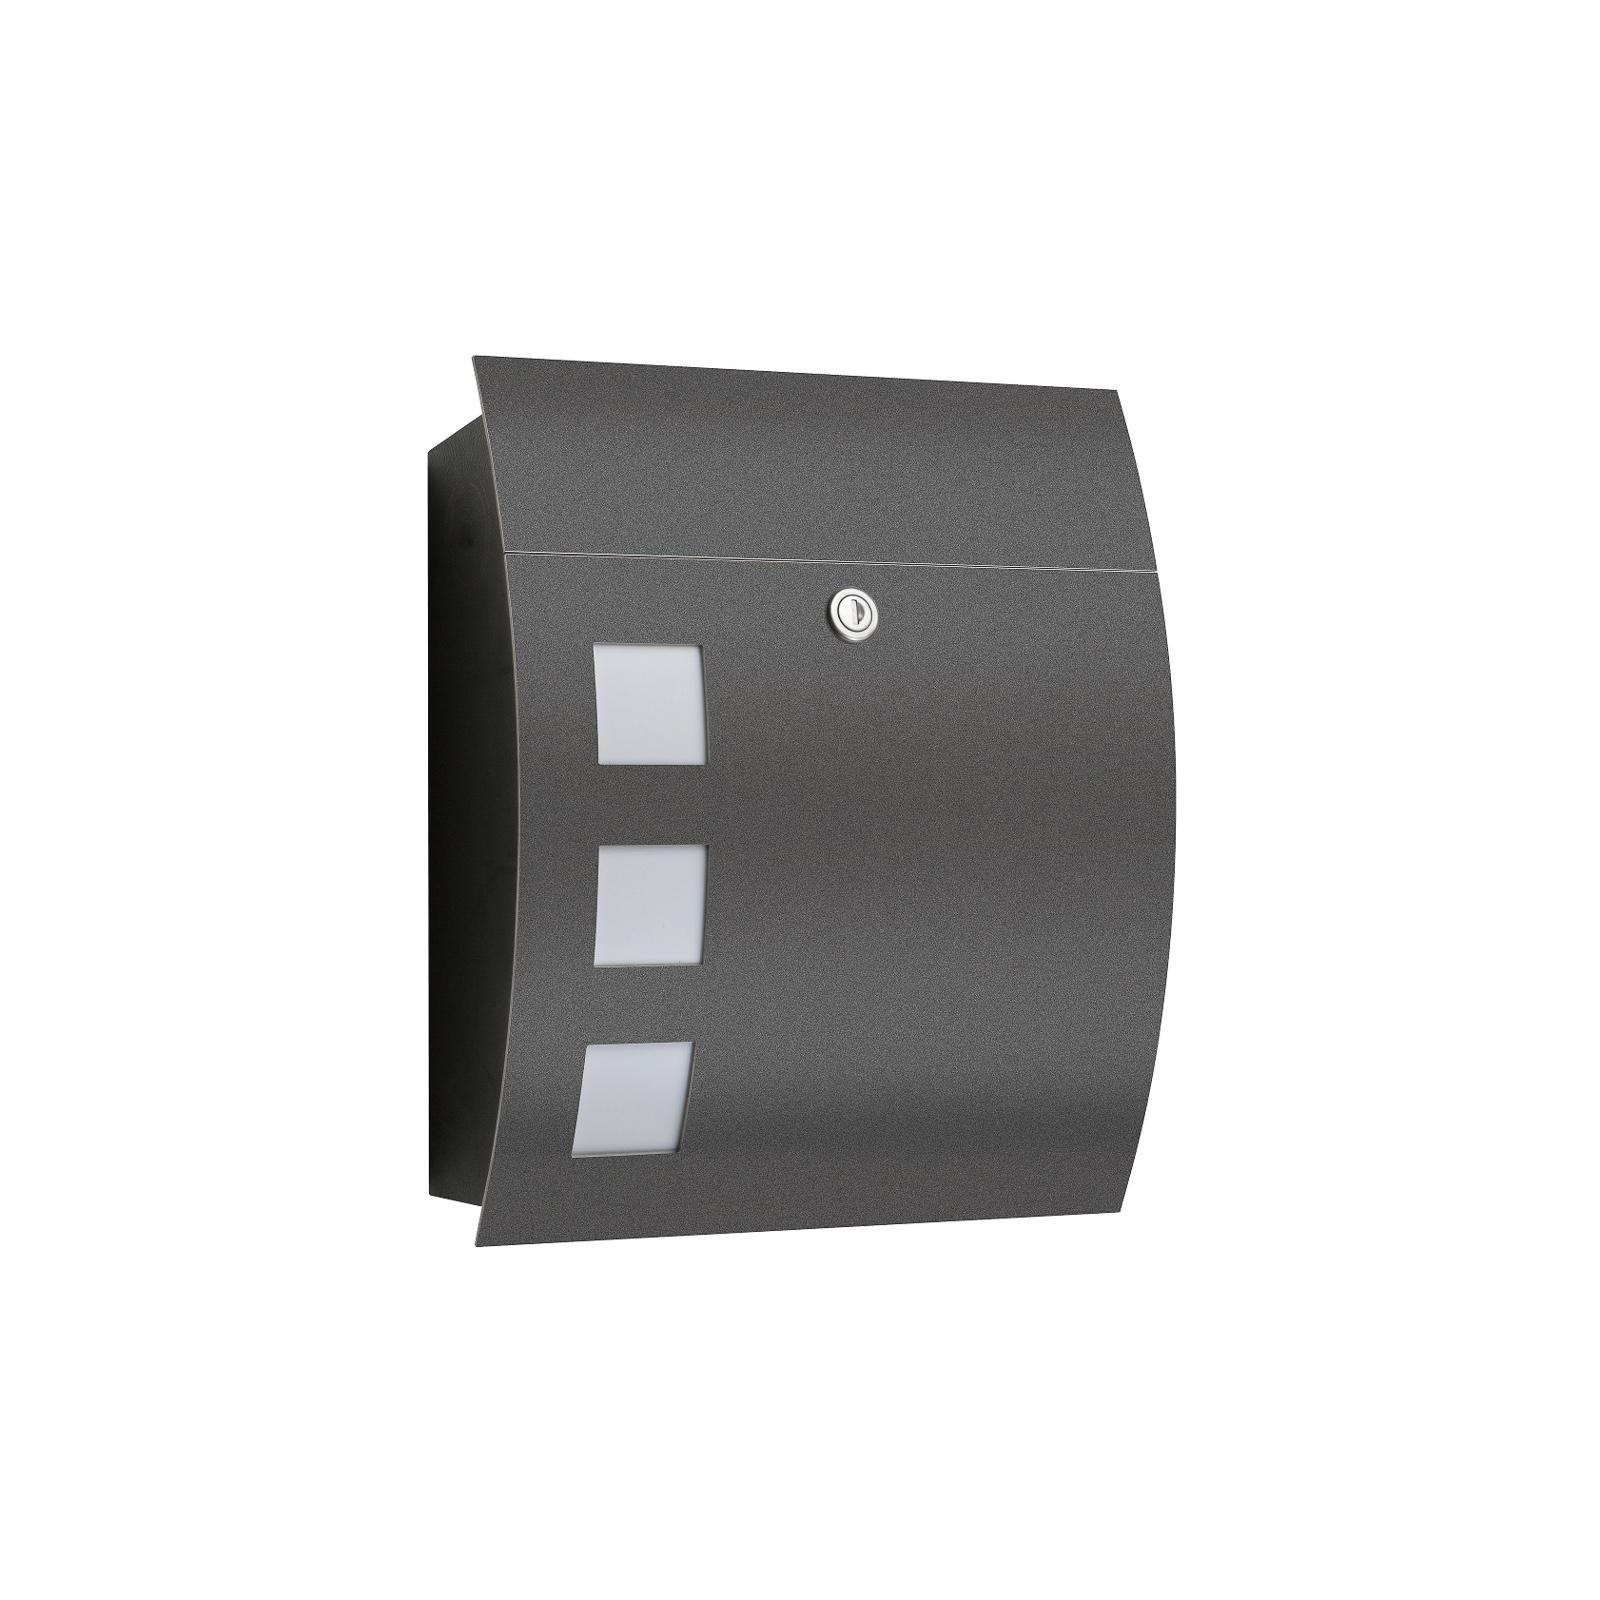 Briefkasten Nila anthrazit mit moderner Optik